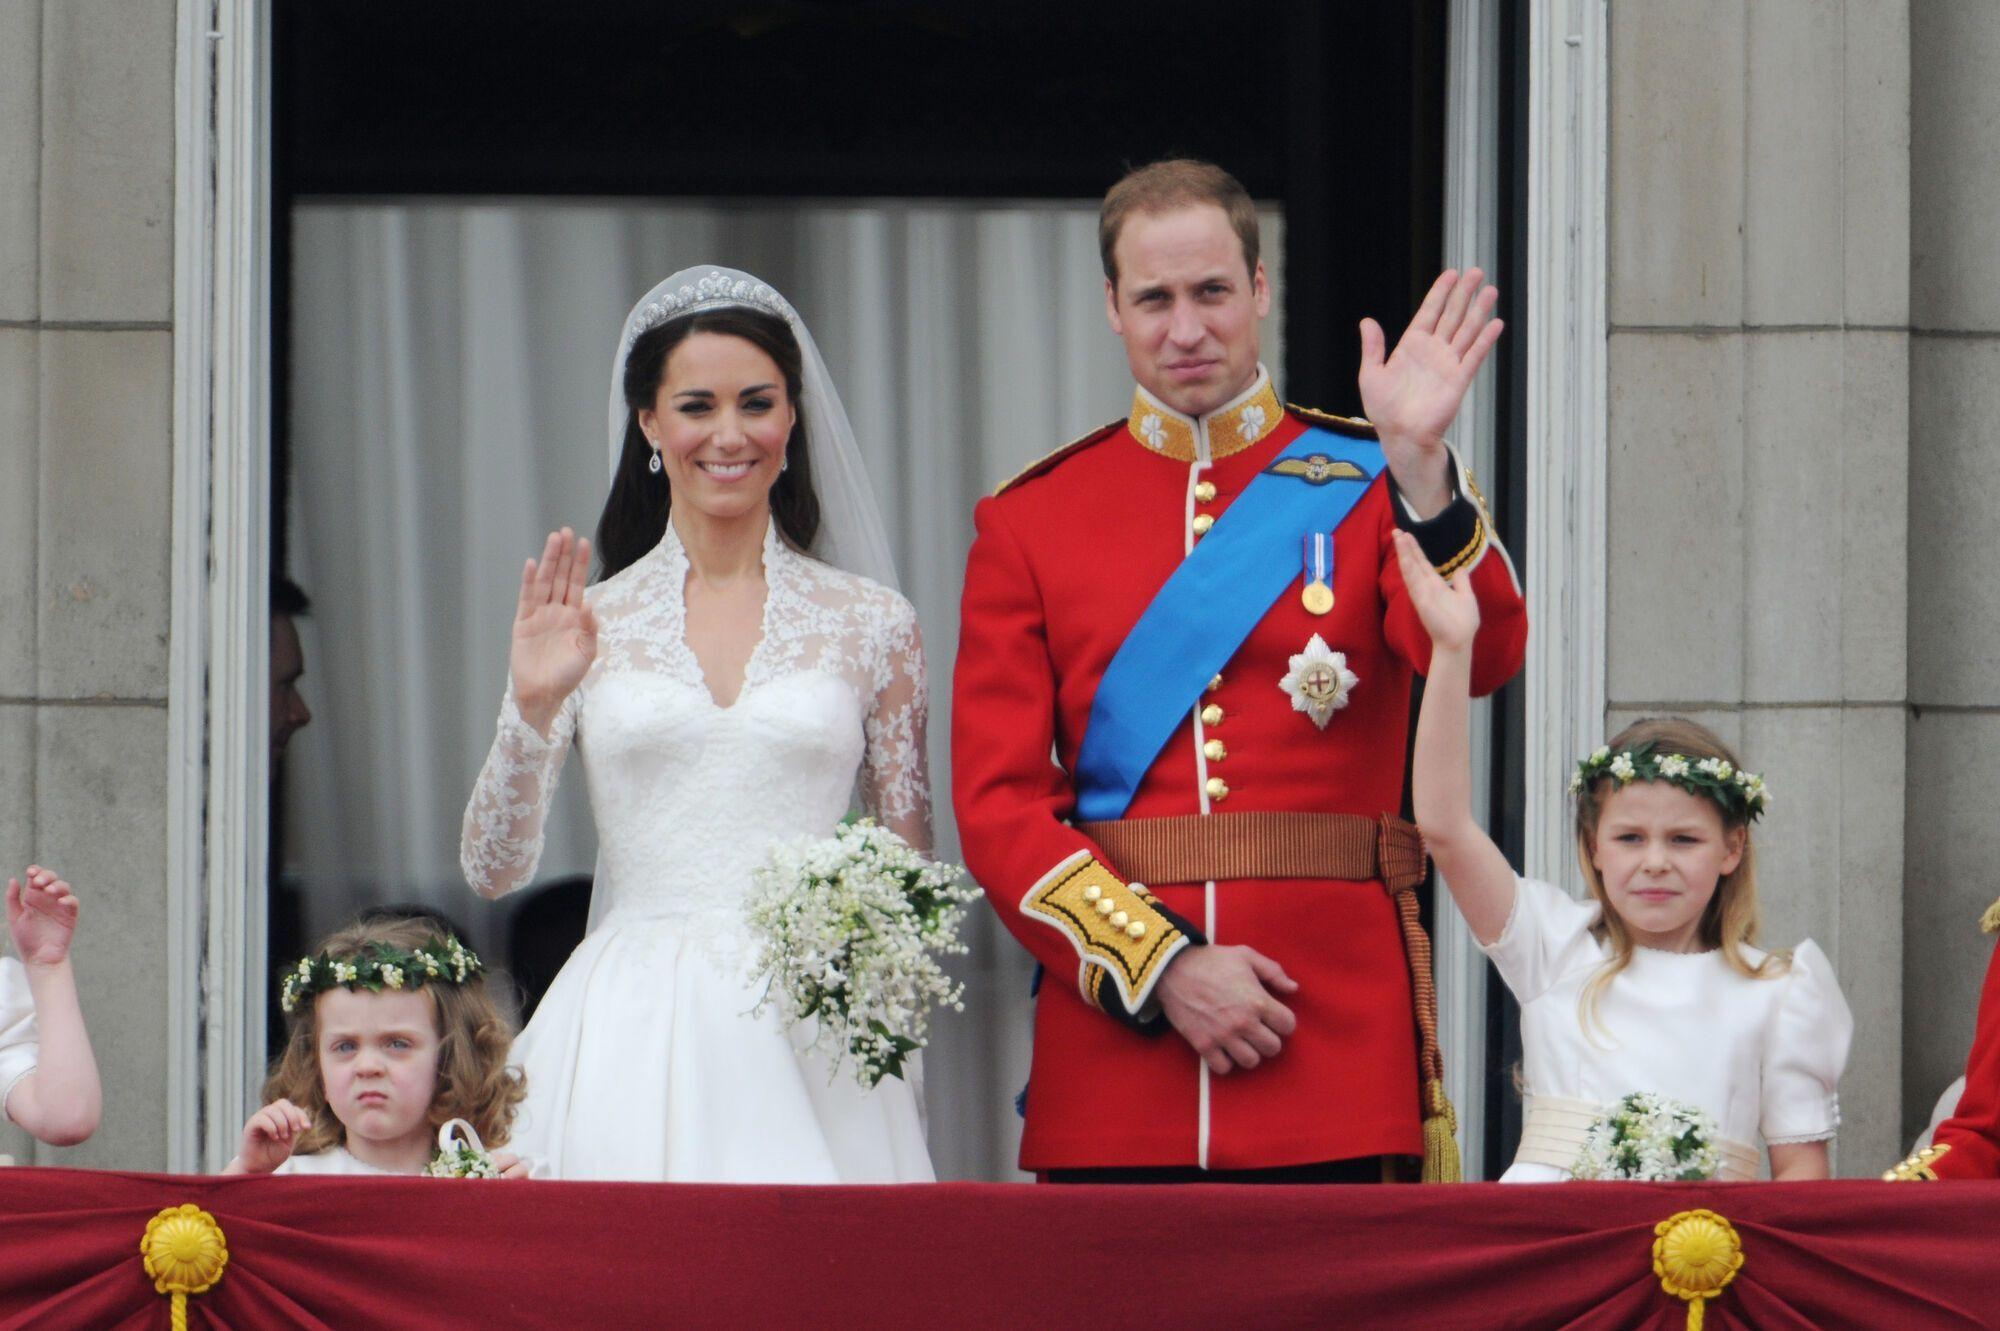 Кейт Миддлтон и принц Уильям вступают в брак